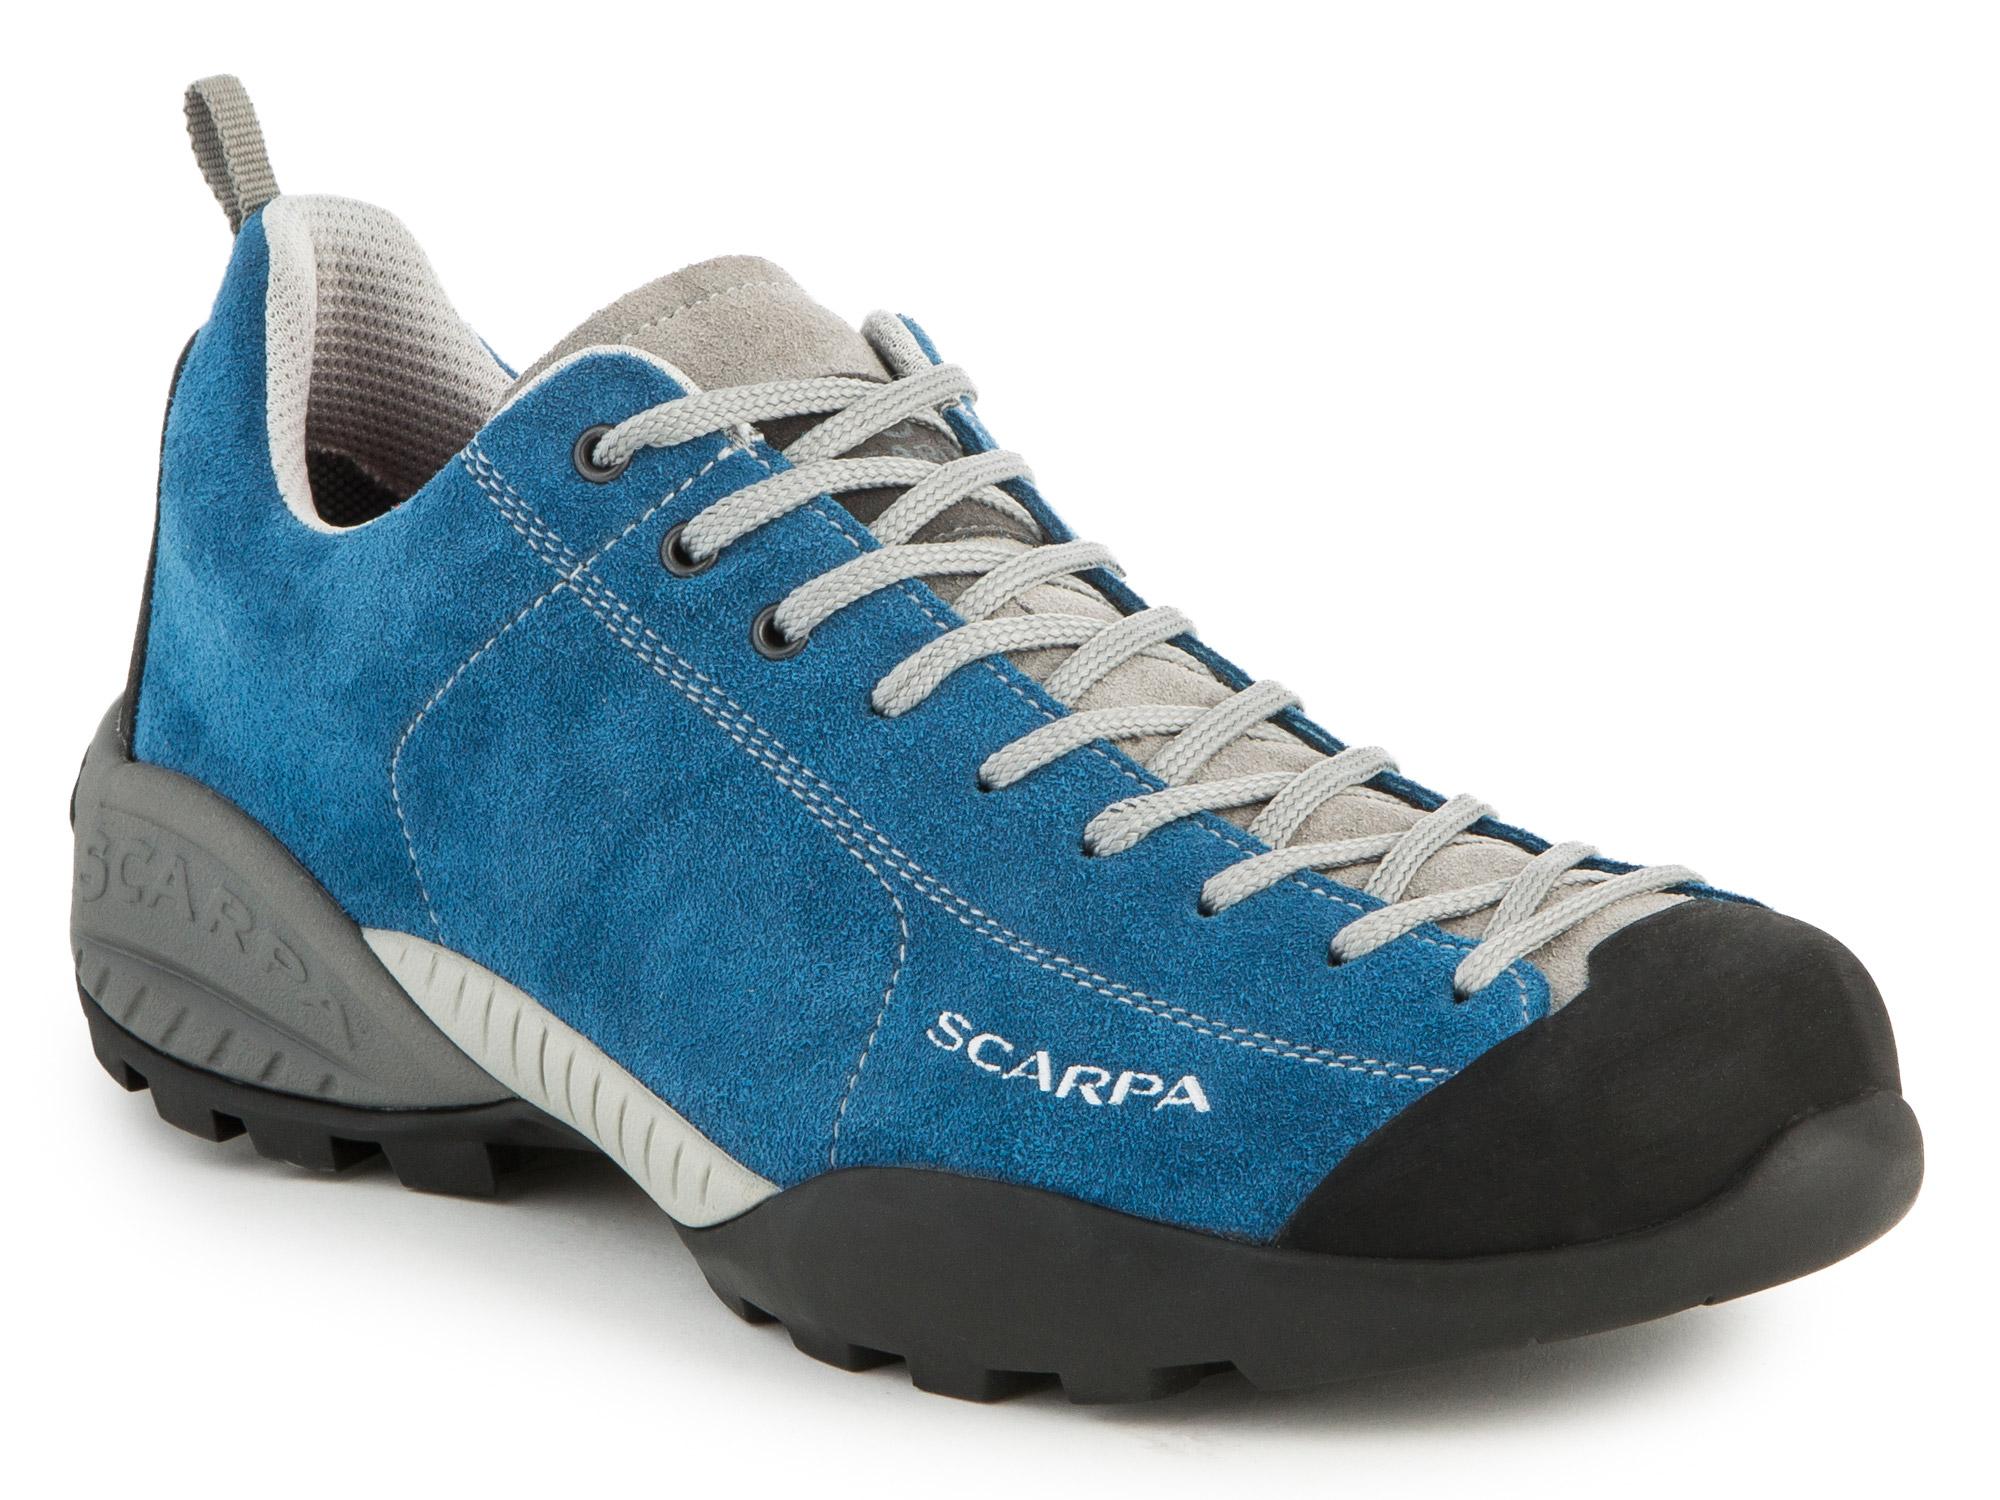 Scarpa Mojito GTX Hyper Blue-30